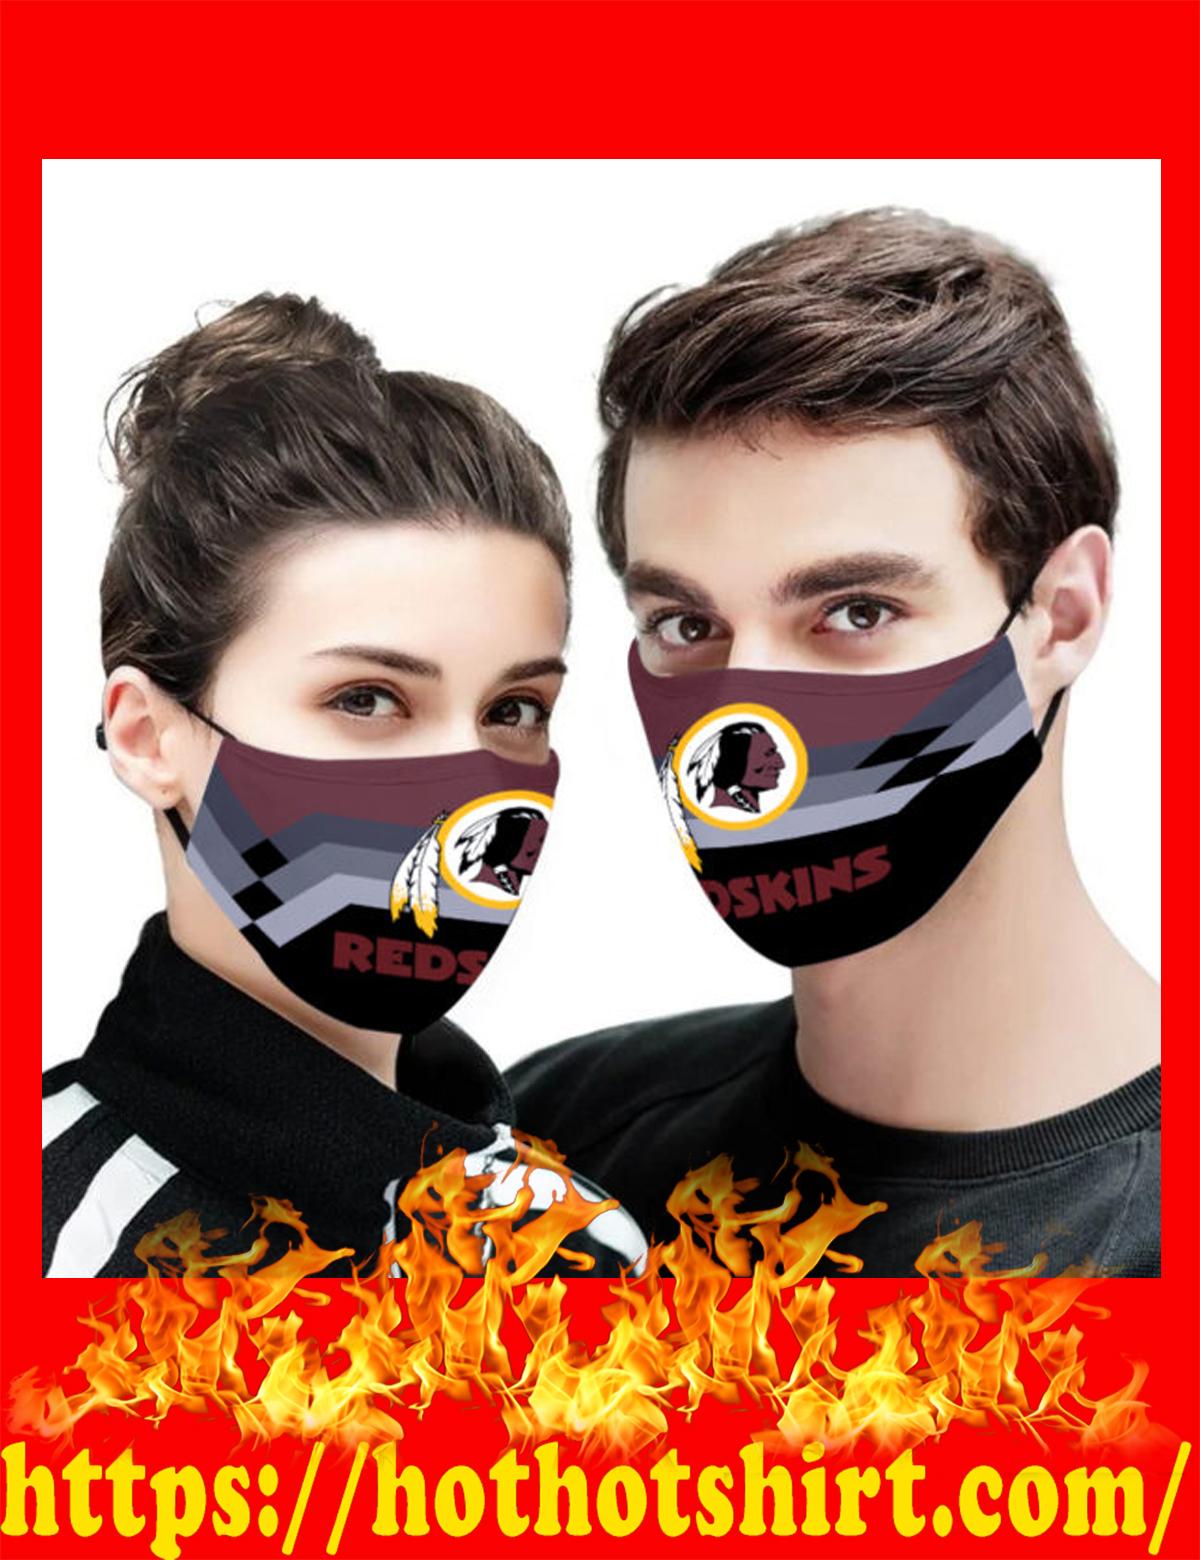 Washington redskins face mask - detail